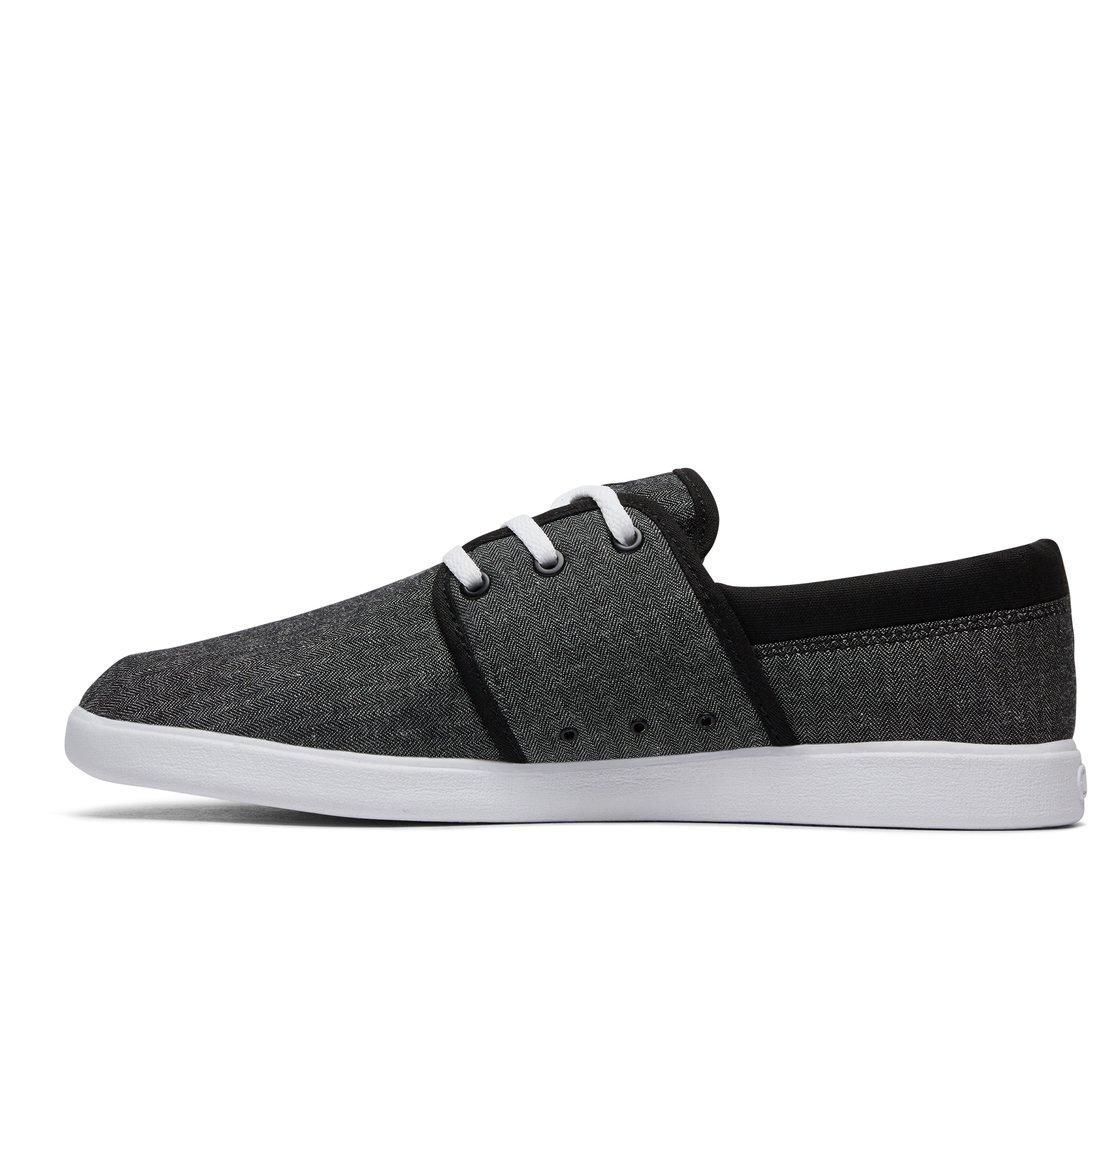 dc shoes Haven TX SE - Scarpe da Uomo - Gray - DC Shoes 88a679G